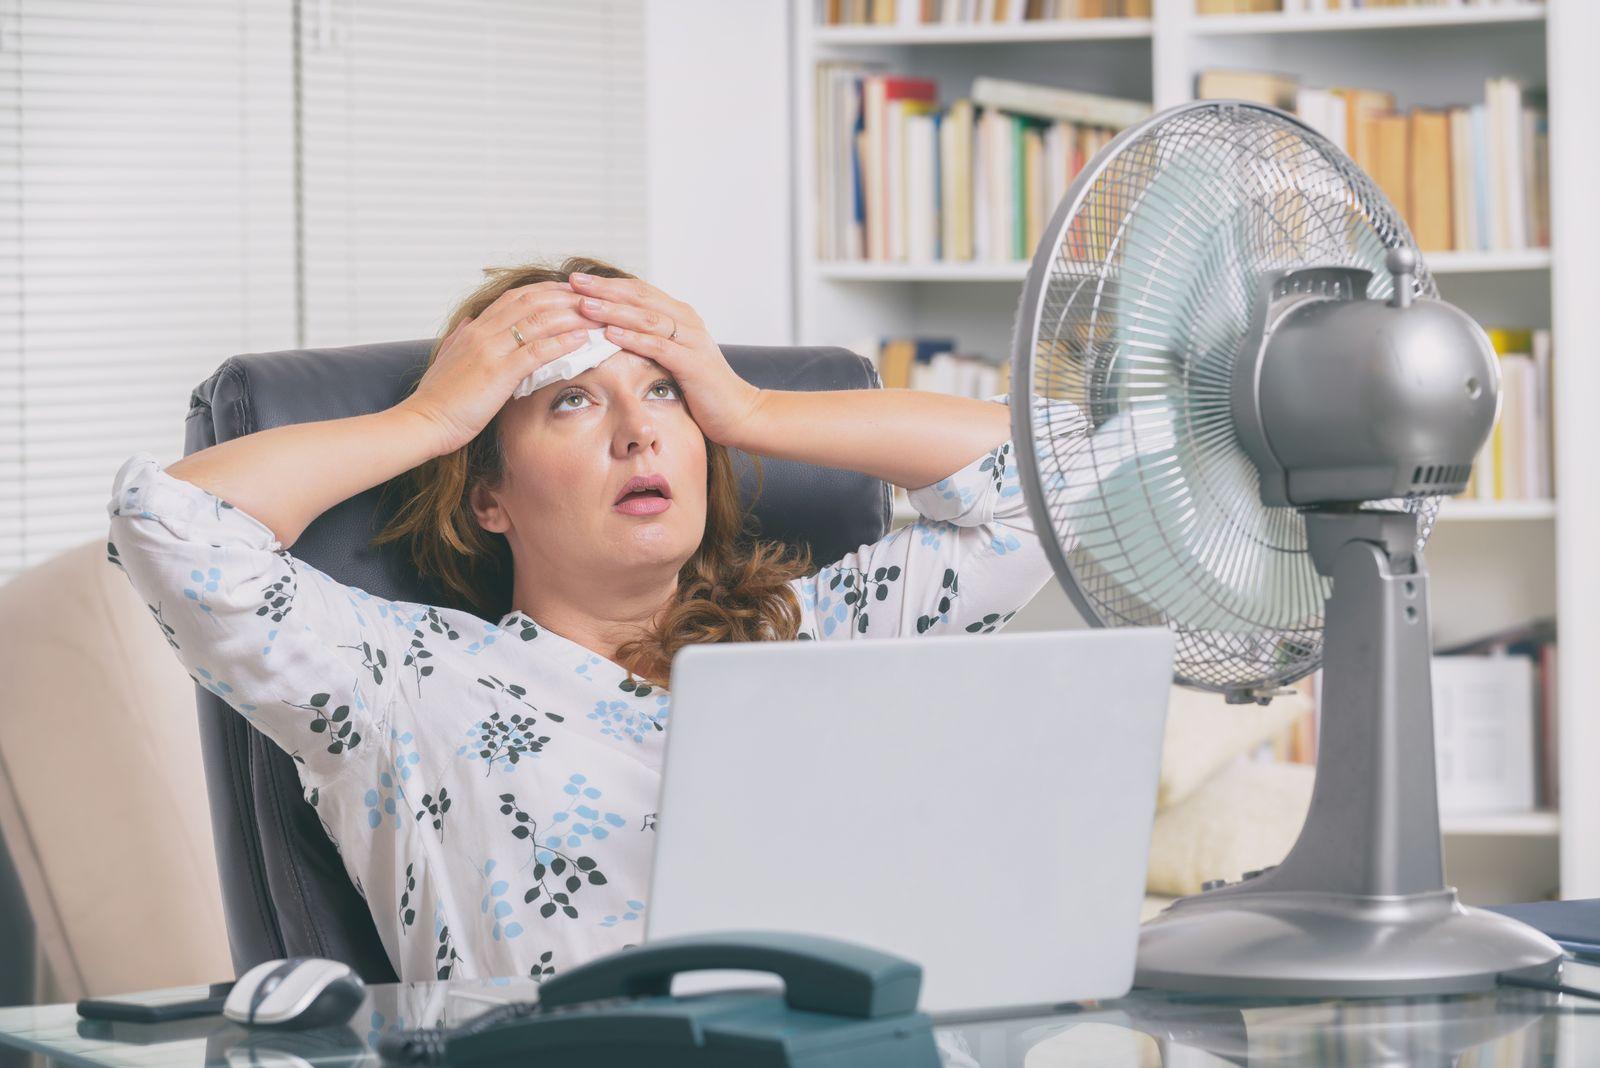 Trpíte migrénami? Dejte si pozor na bouřky